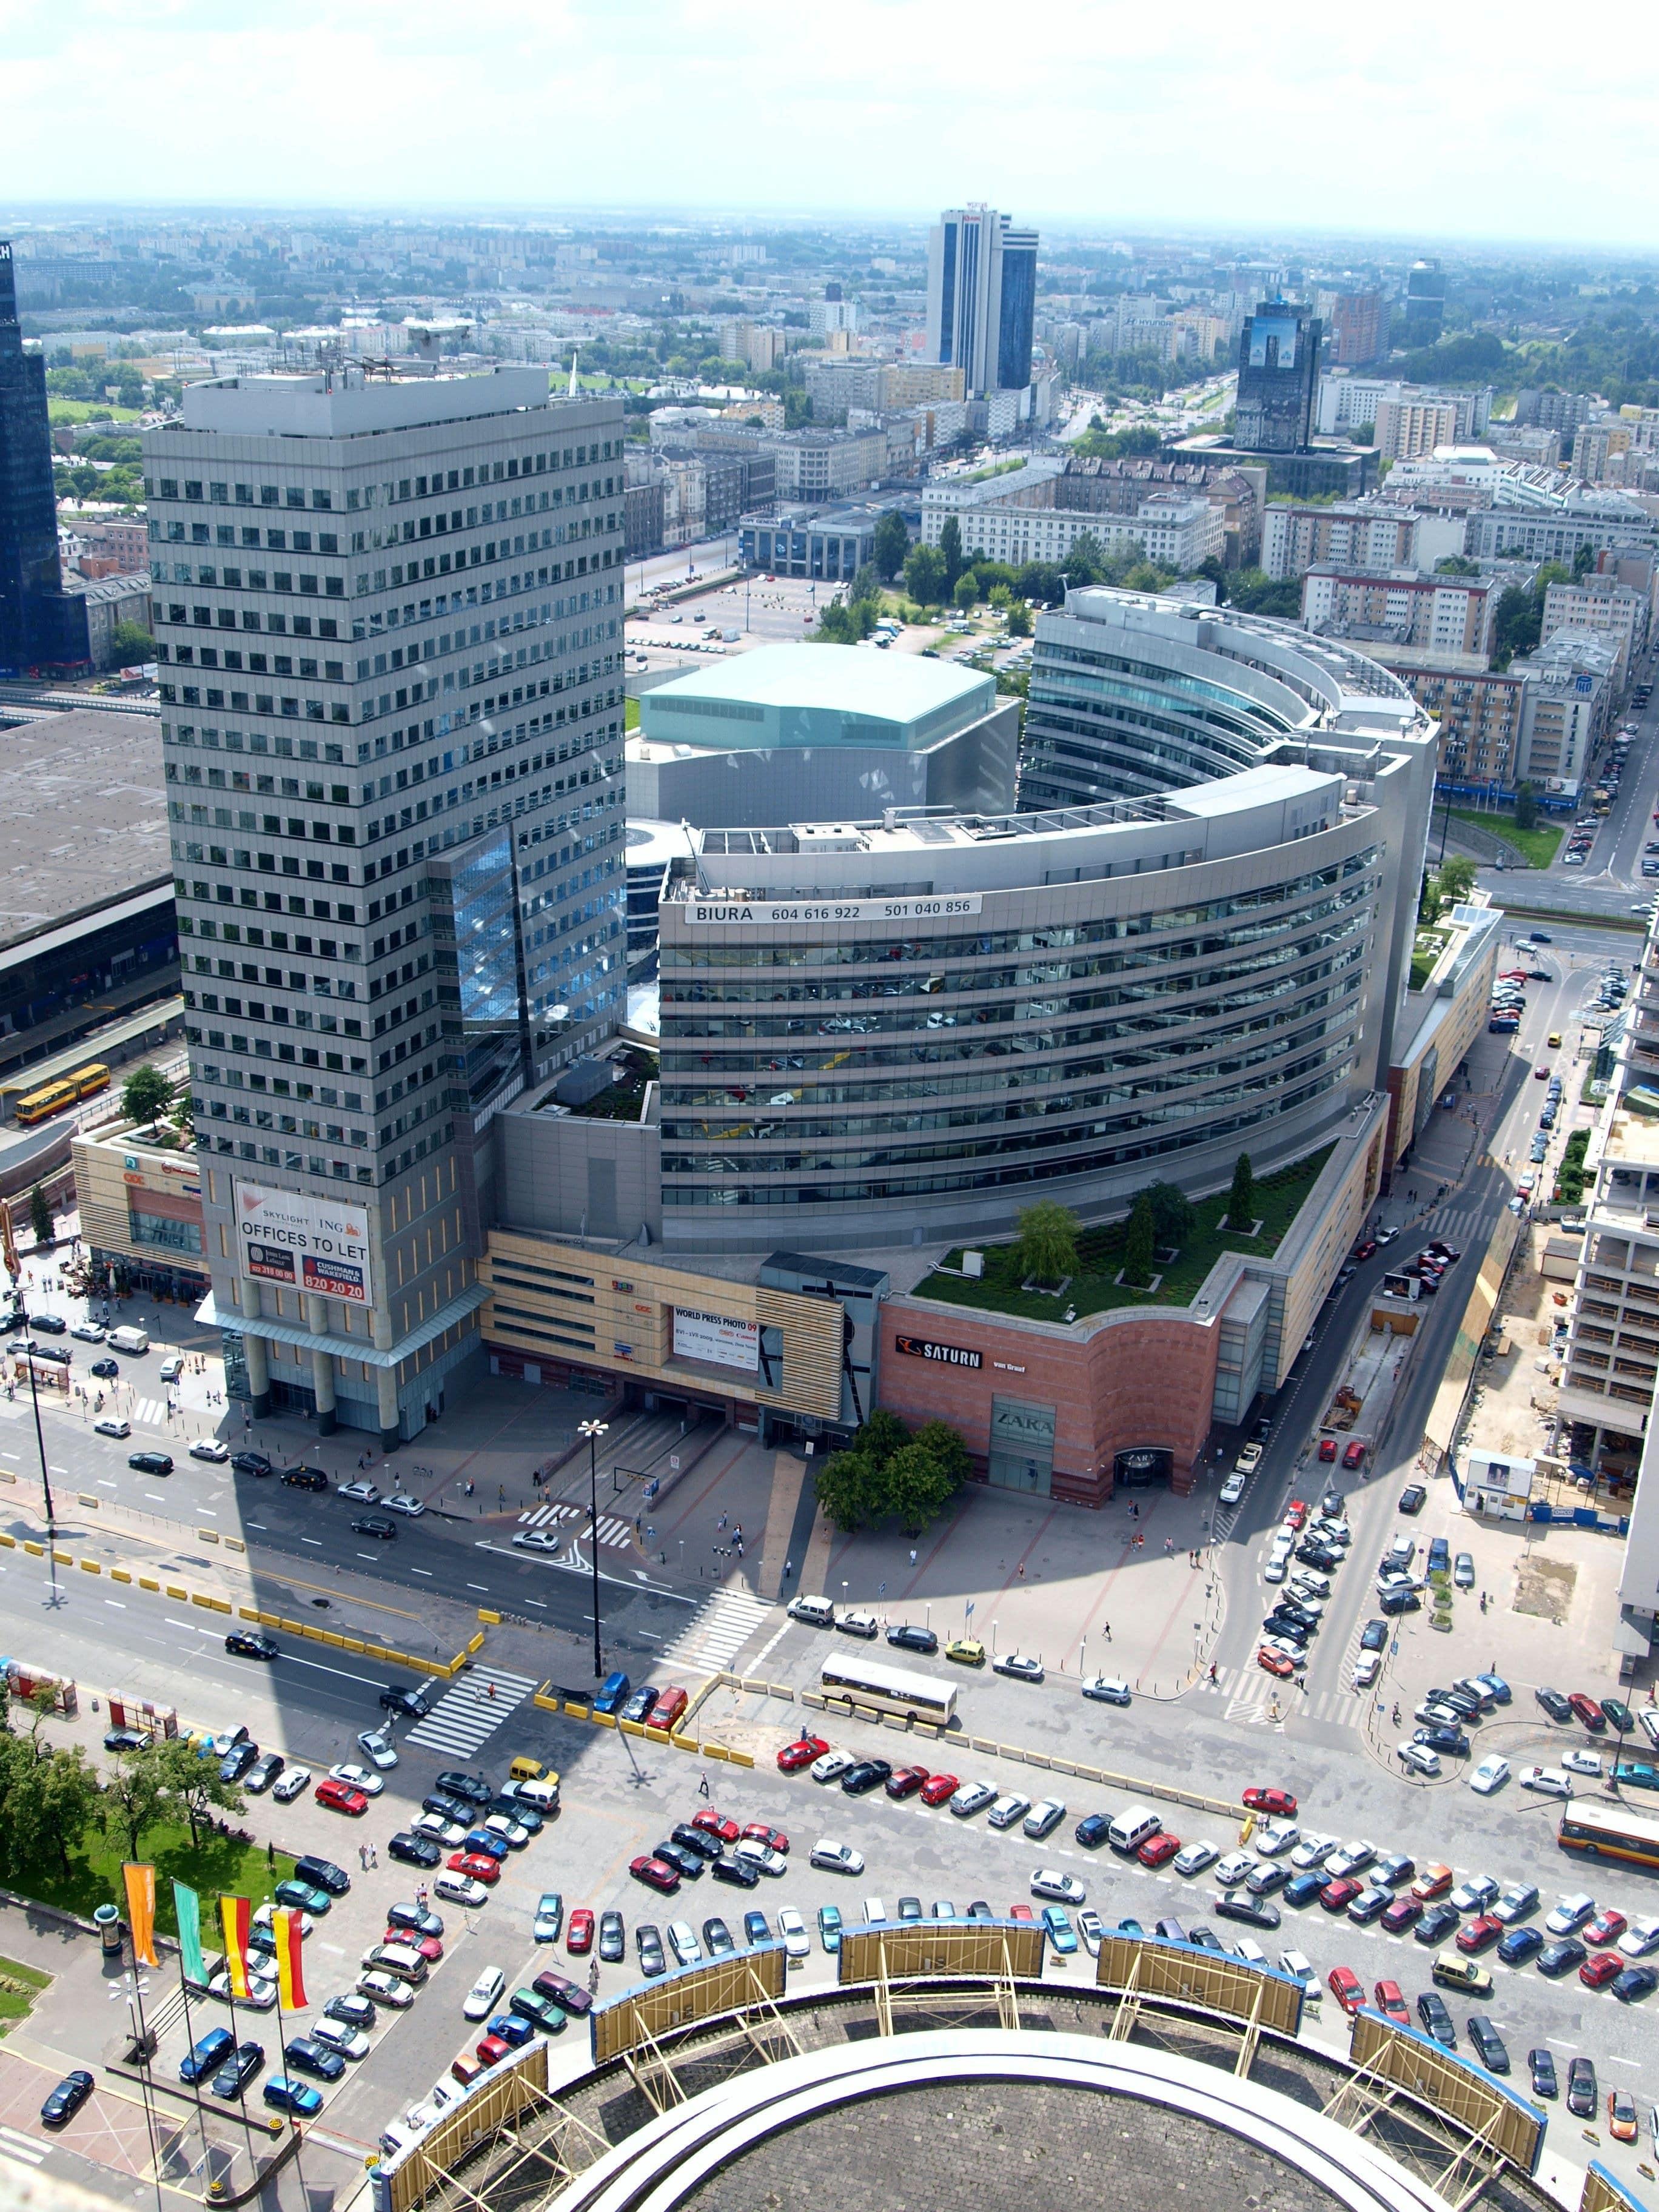 поступить в Польшу, высшее образование в Польше, учеба в Польше, обучение в Польше, образовательный центр AMBASADOR, покупки в Польше